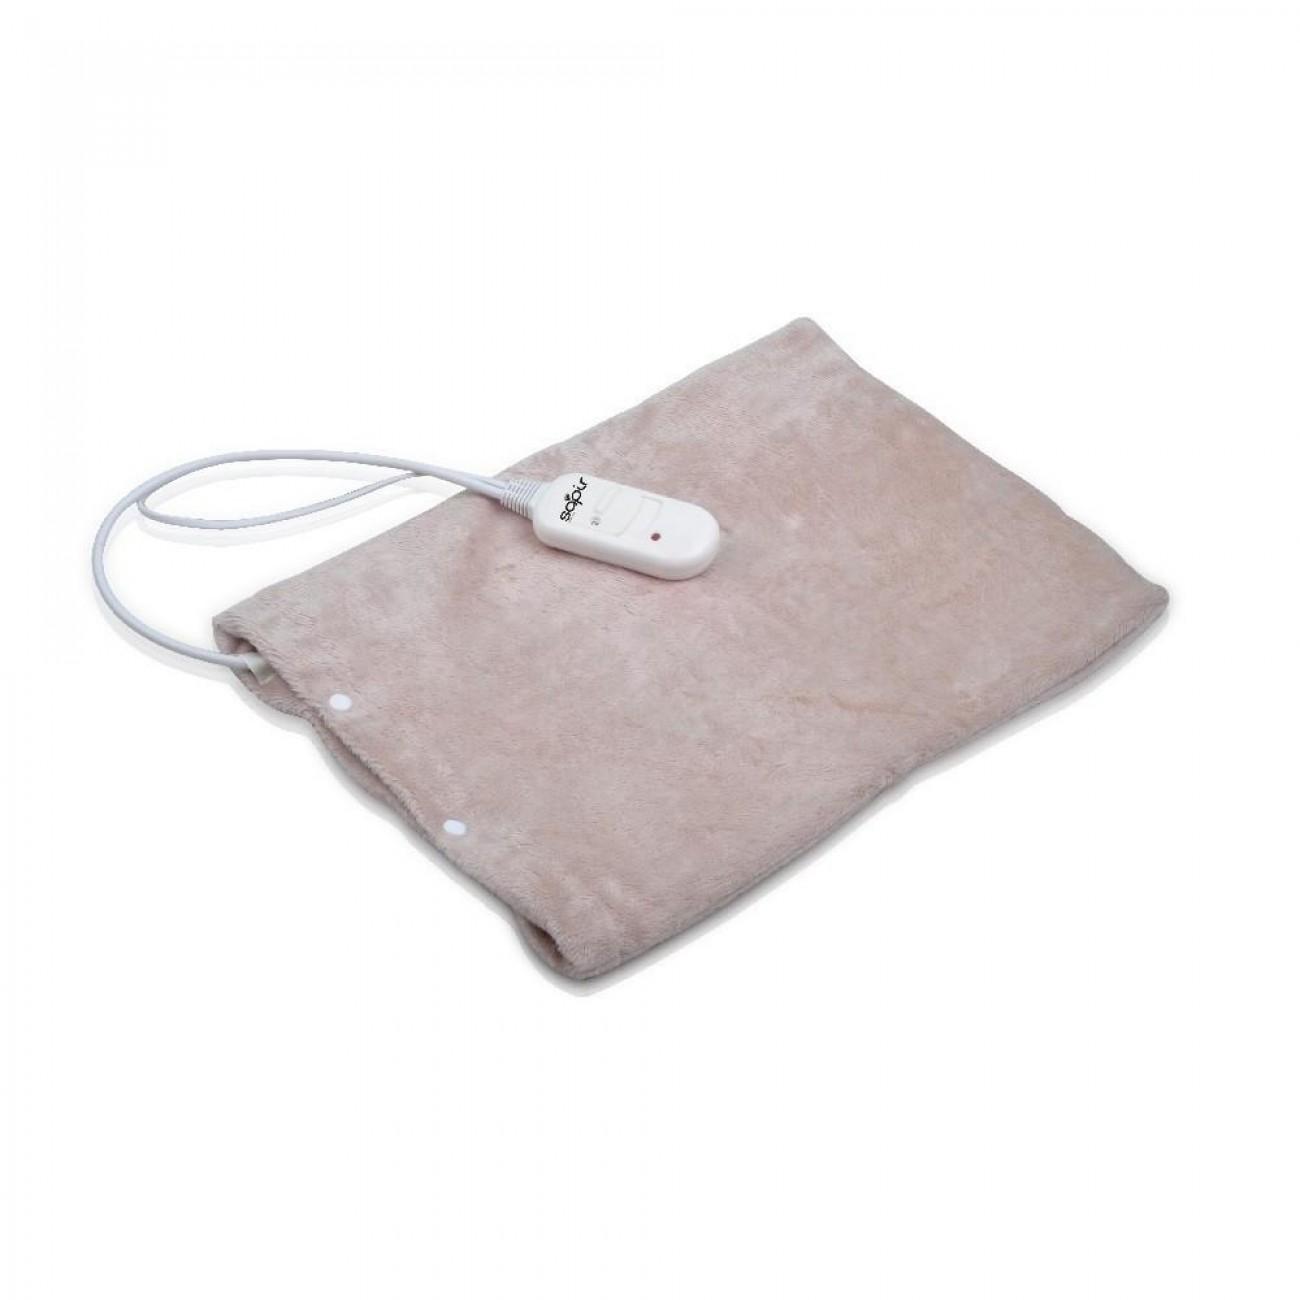 Електрическа възглавница SAPIR SP 8511 A, 45W, 2 нива на температура в Ел. одеяла и възглавници - SAPIR | Alleop